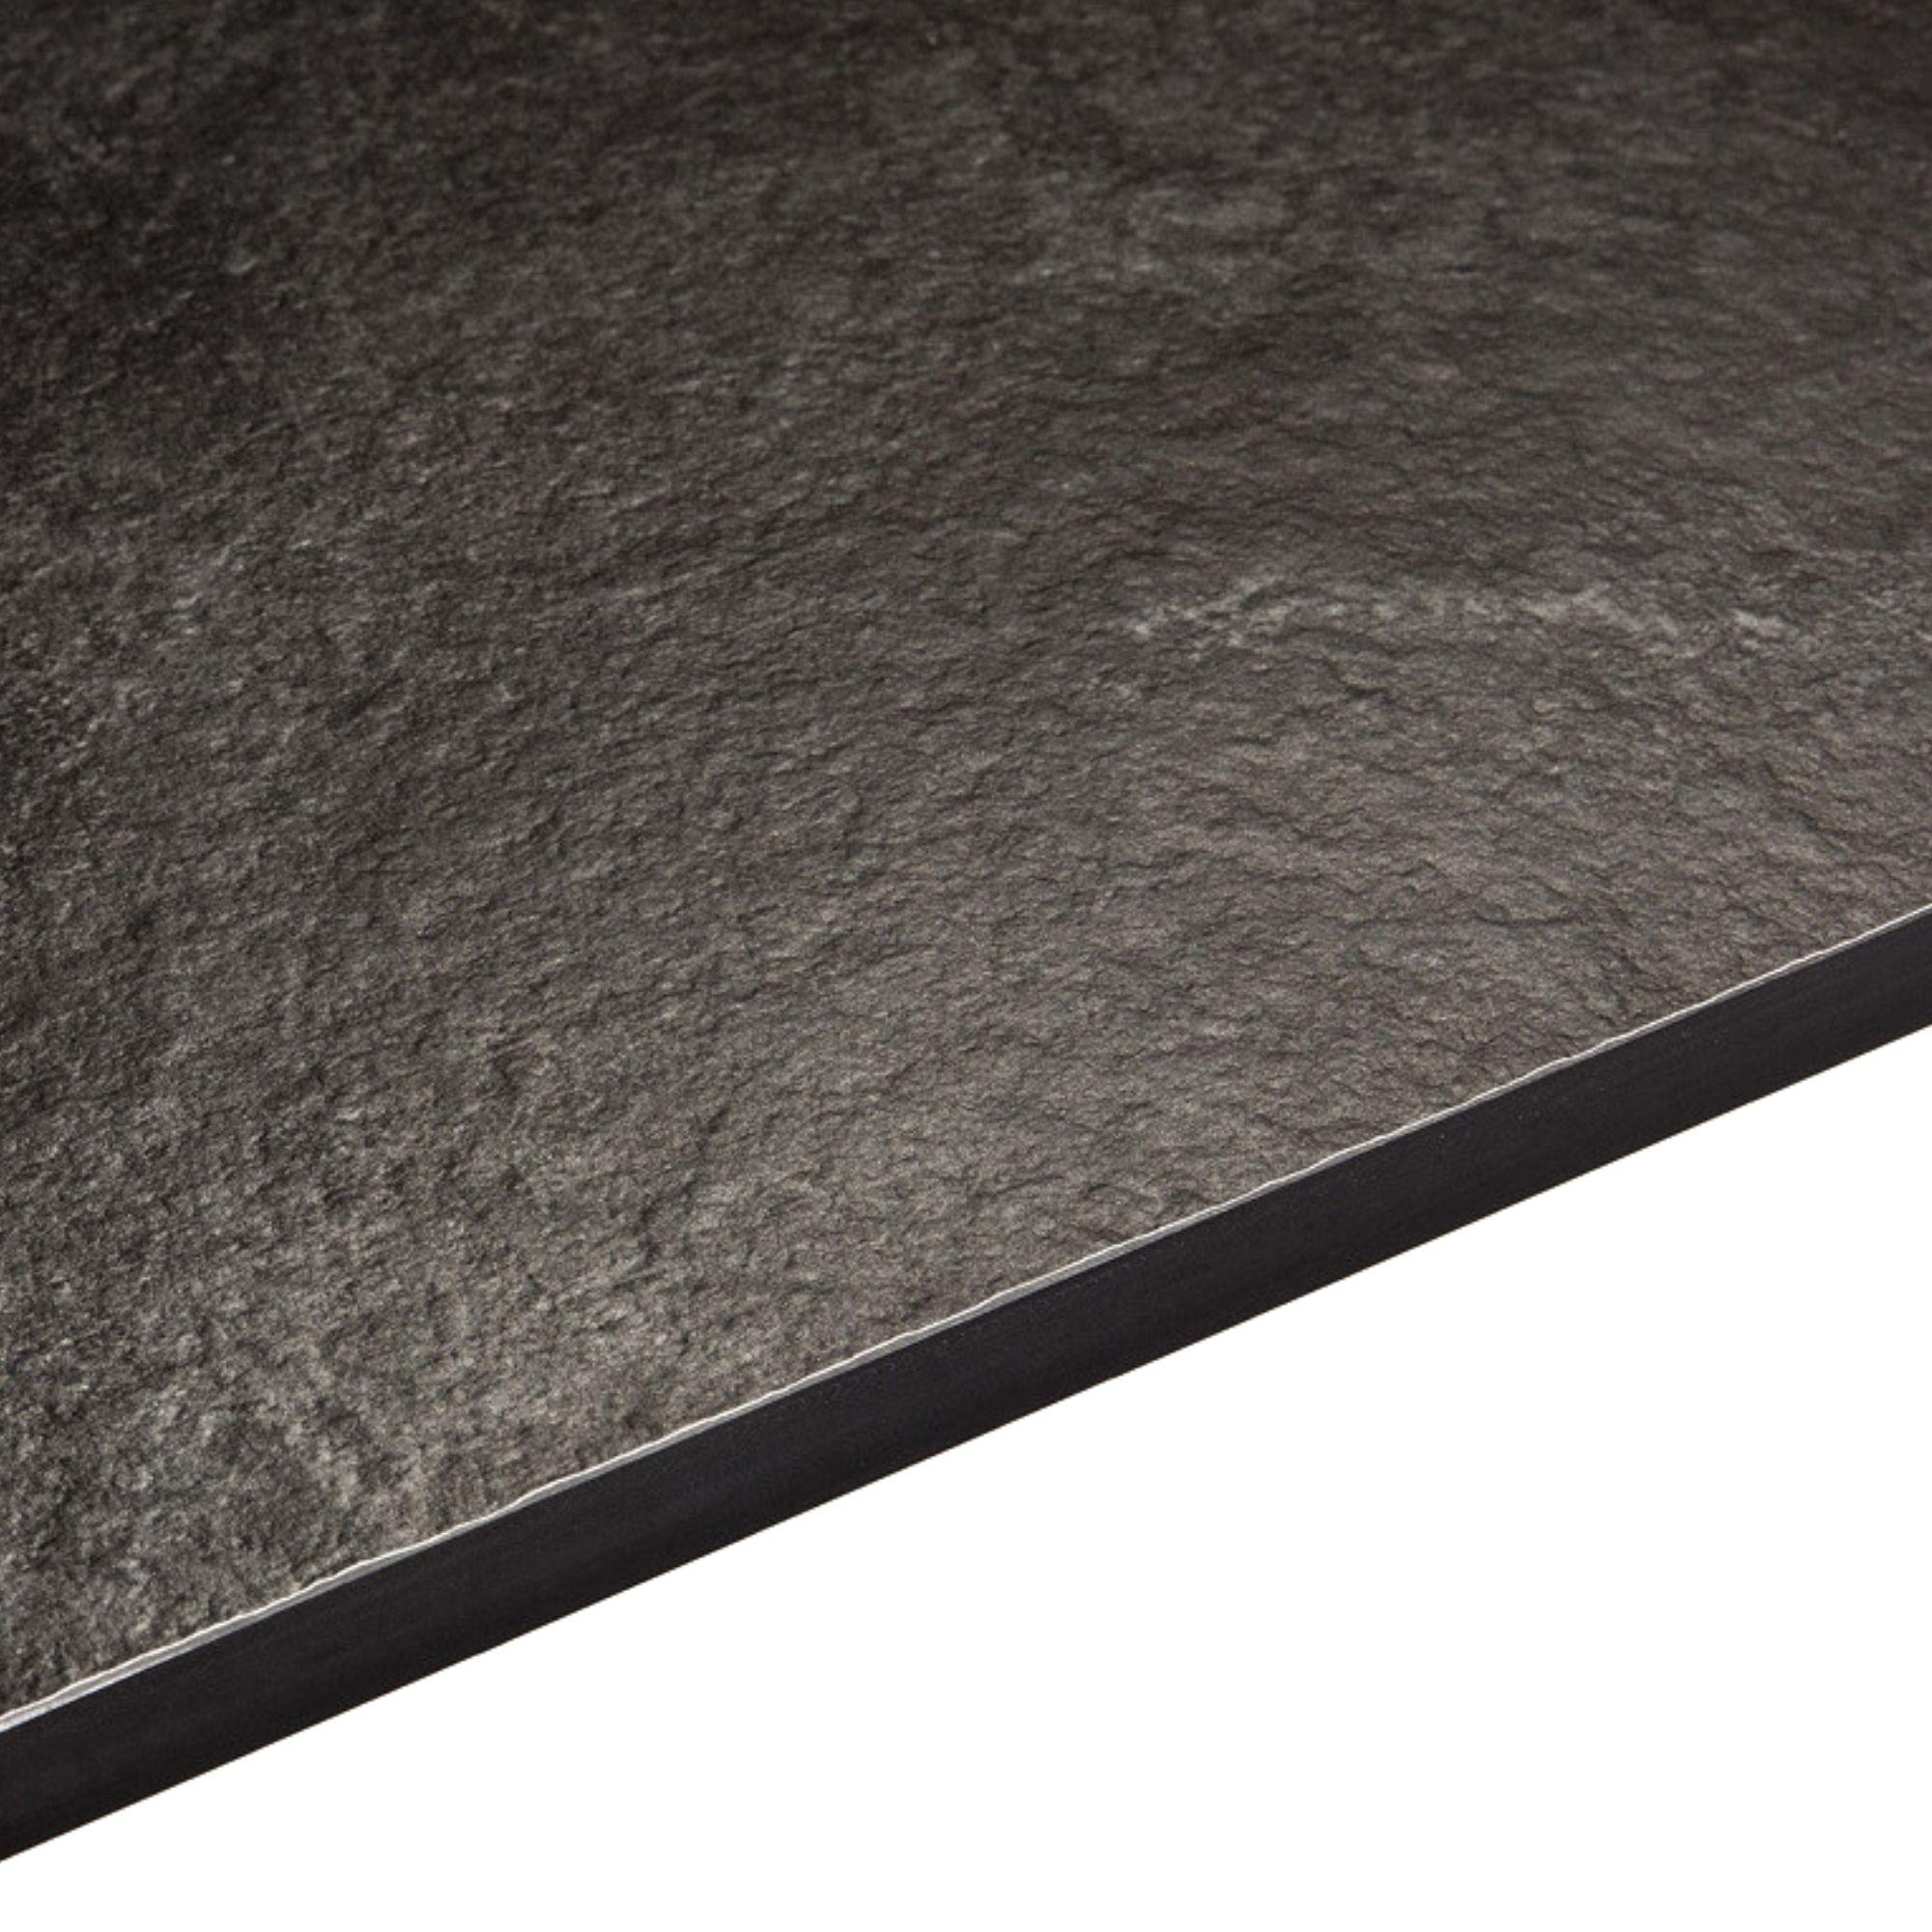 12 5mm Exilis Zinc Argente Black Textured Stone Effect